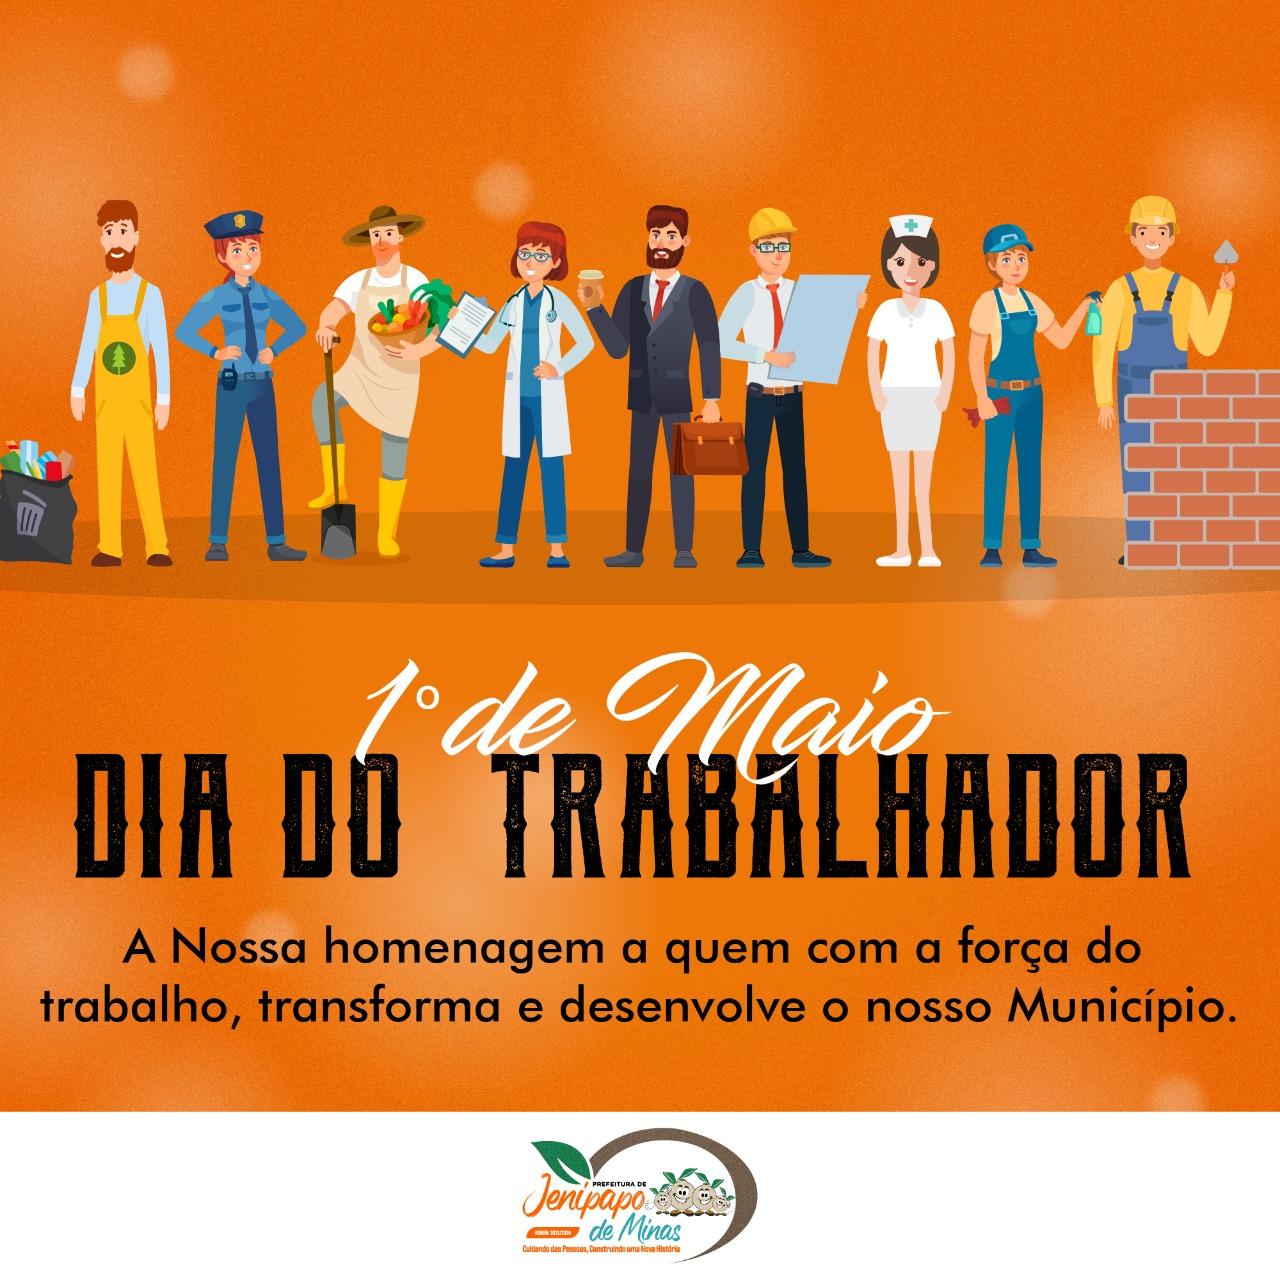 1º DE MAIO - DIA DO TRABALHO